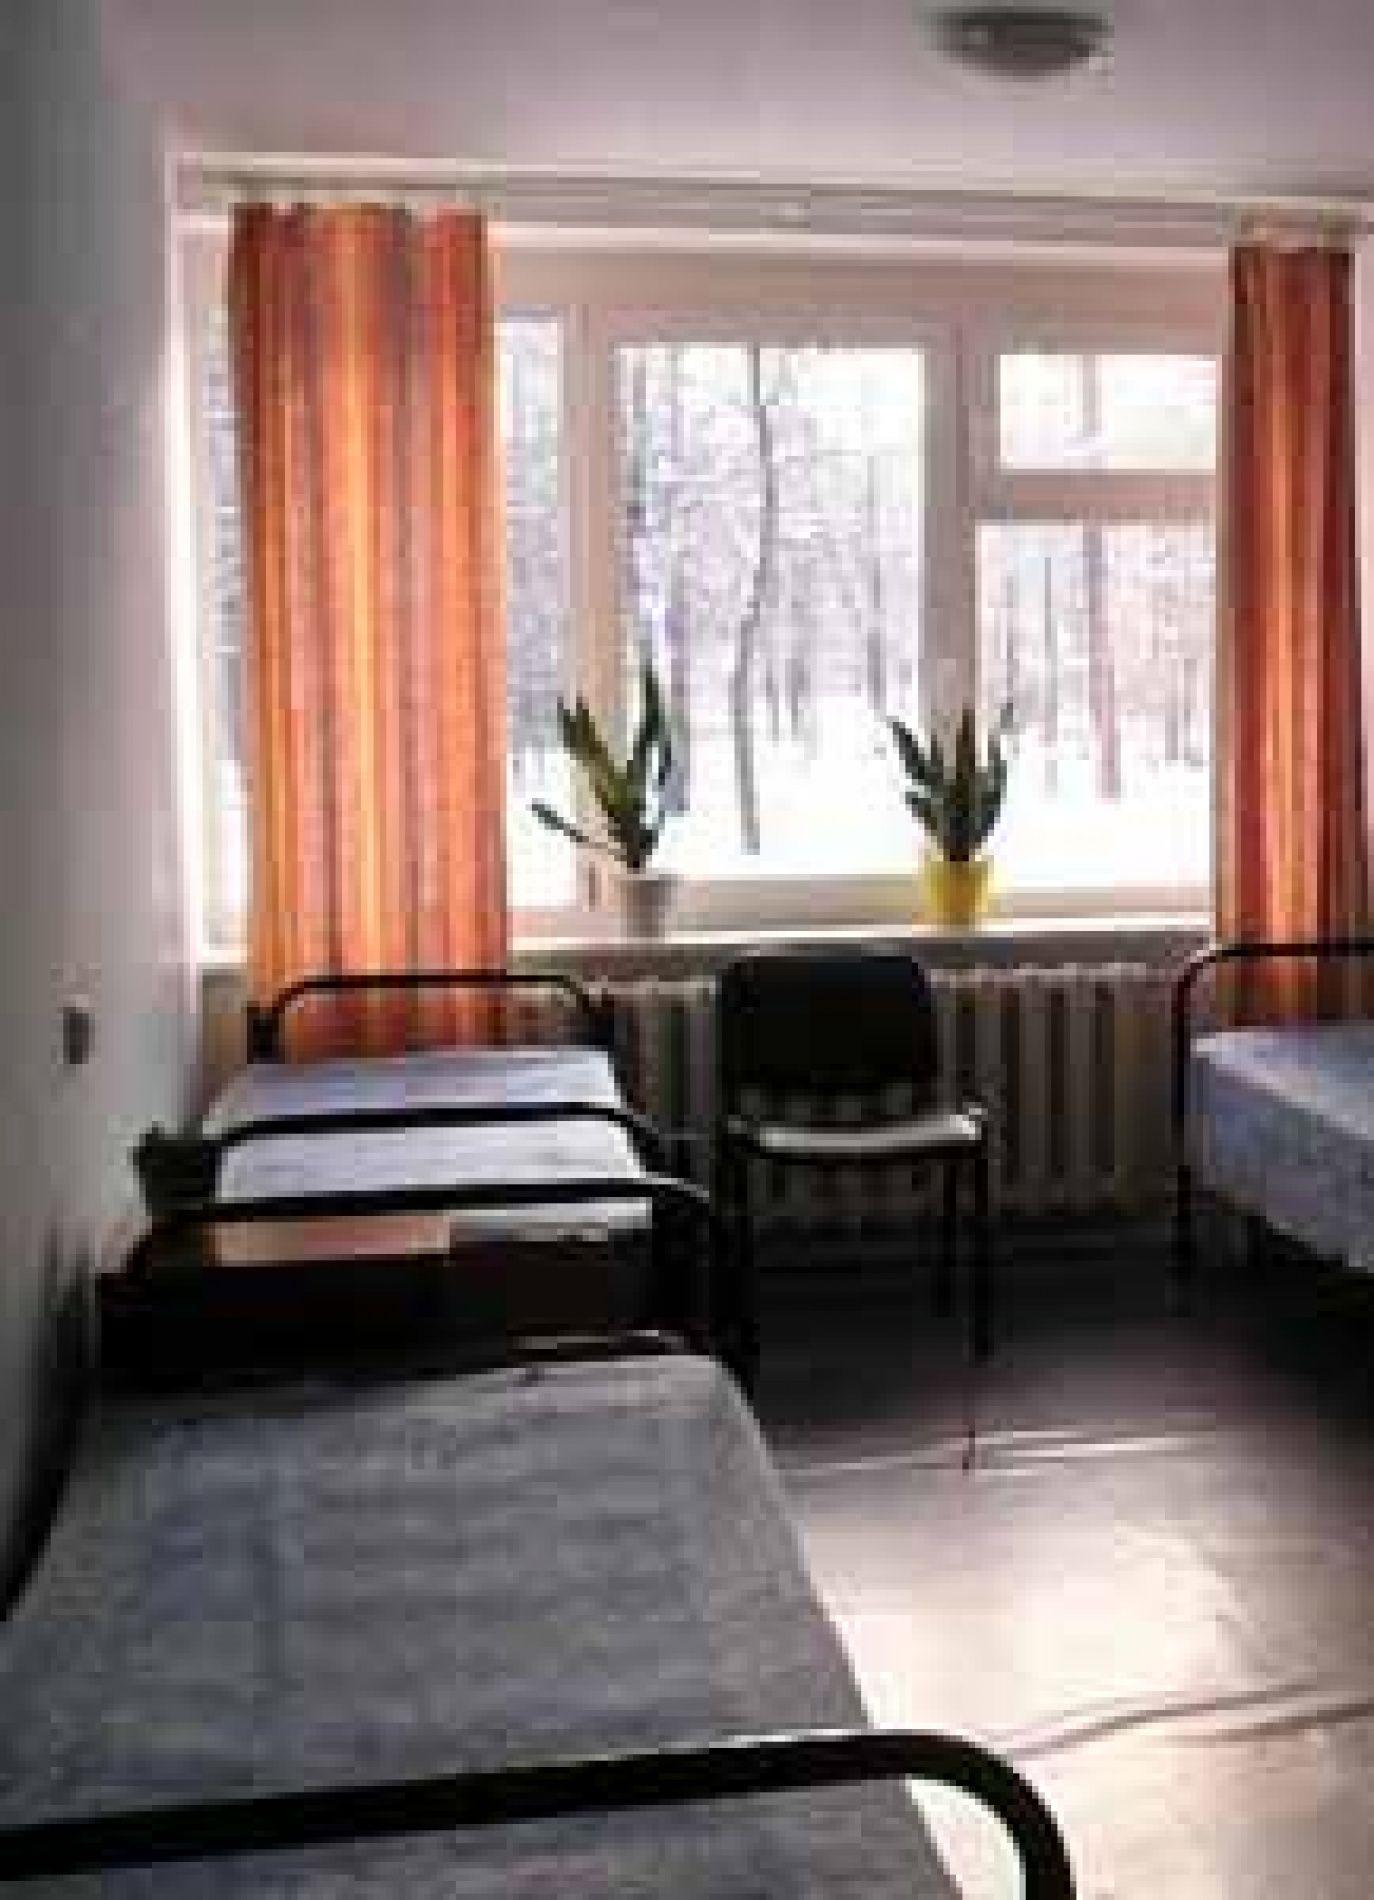 """База отдыха """"Уют"""" Ленинградская область 4-х местный номер с удобствами на этаже, фото 1"""